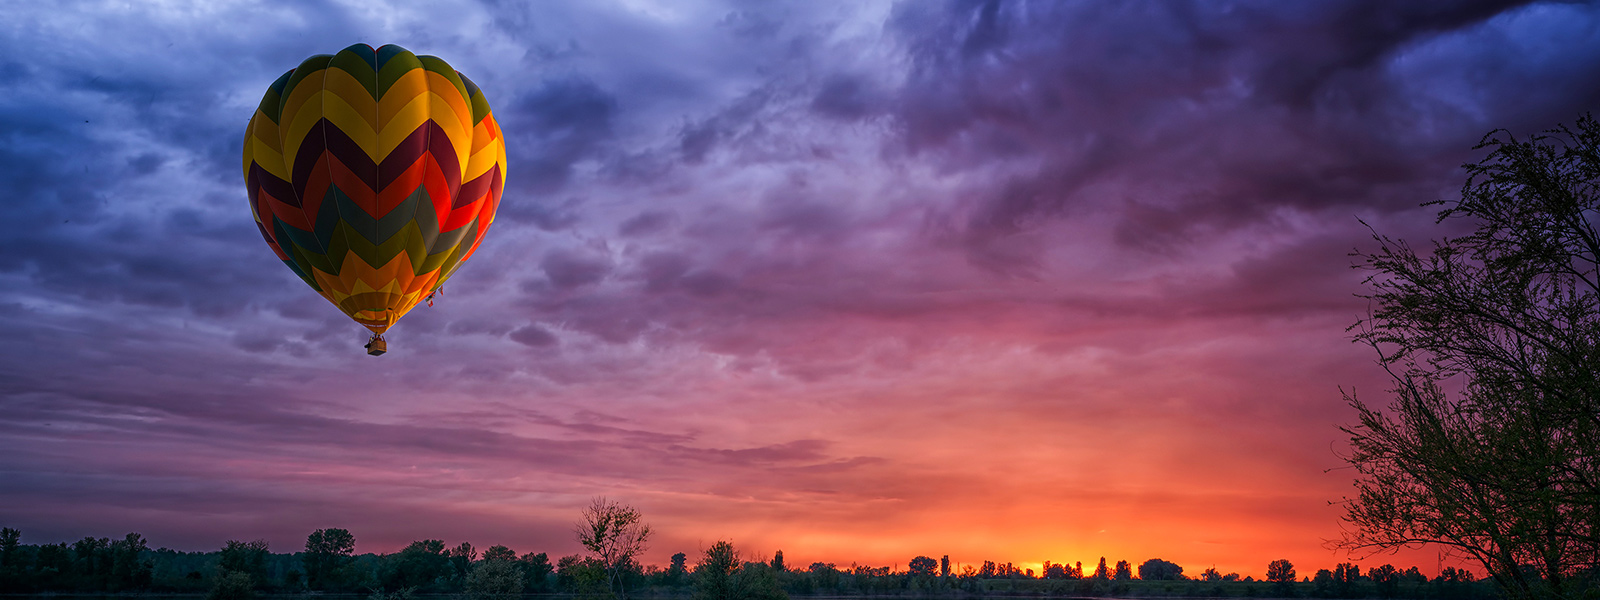 Microsoft Surface Studio zeigt Bild eines Heißluftballons vor strahlendem Himmel im Vivid-Farbmodus.